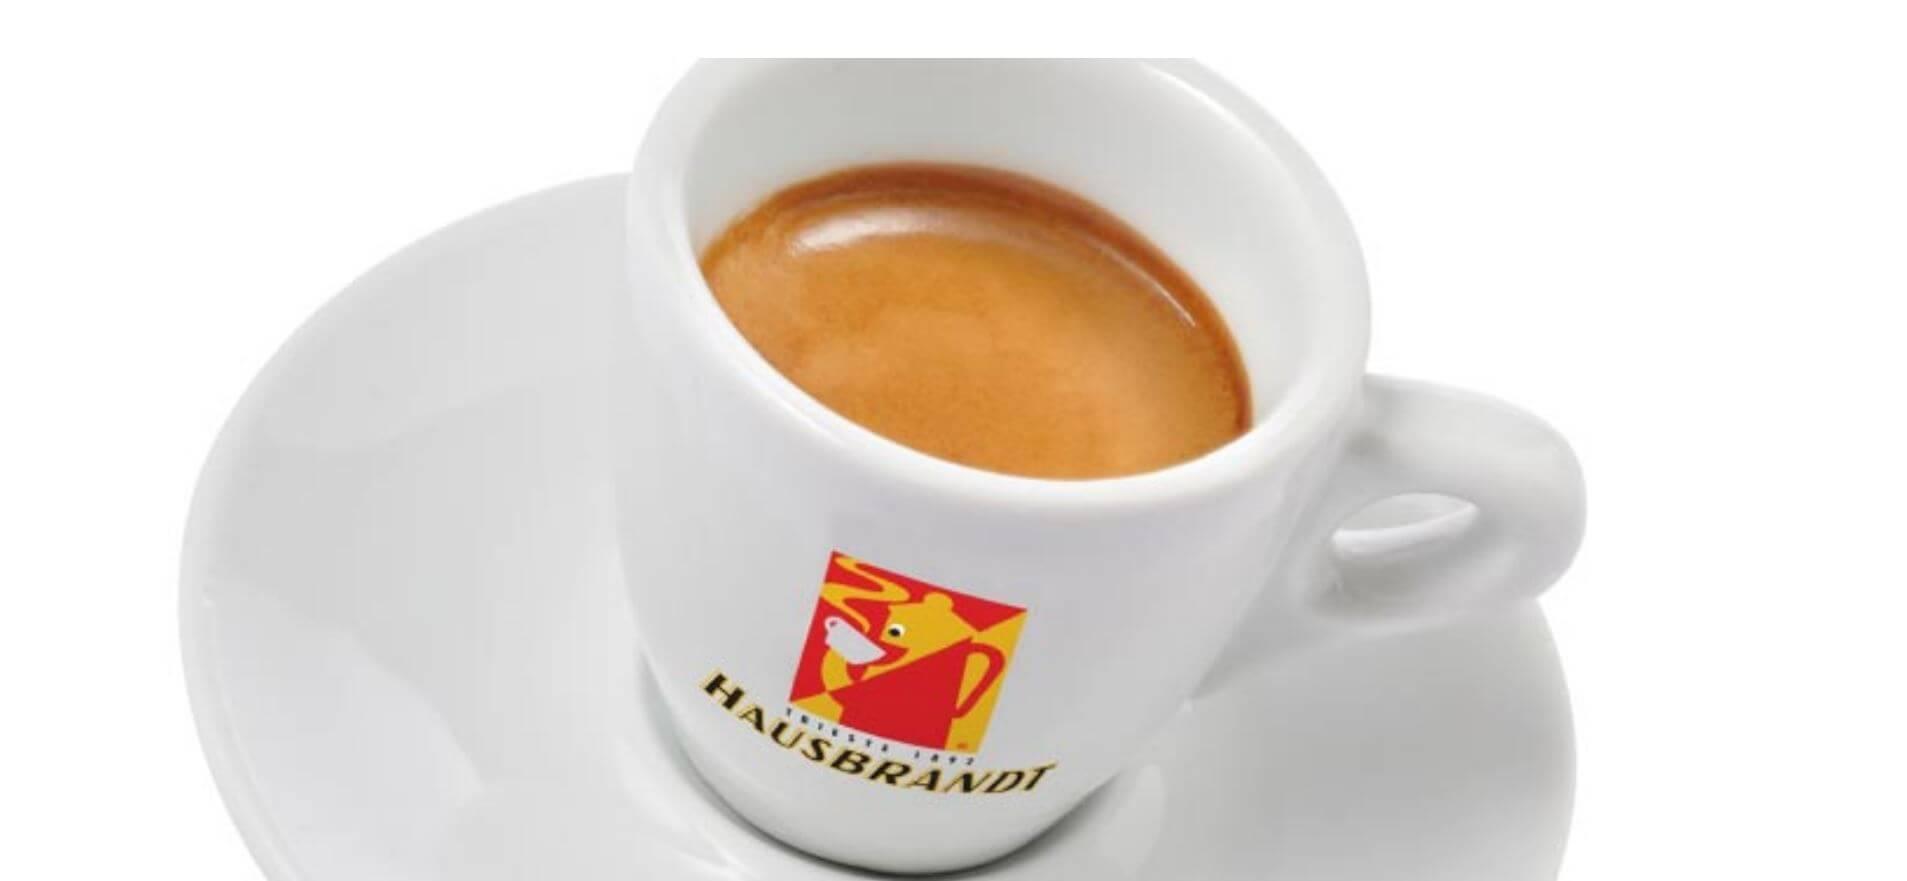 Hausbrandt-Espressotasse für lecker espresso kaffee